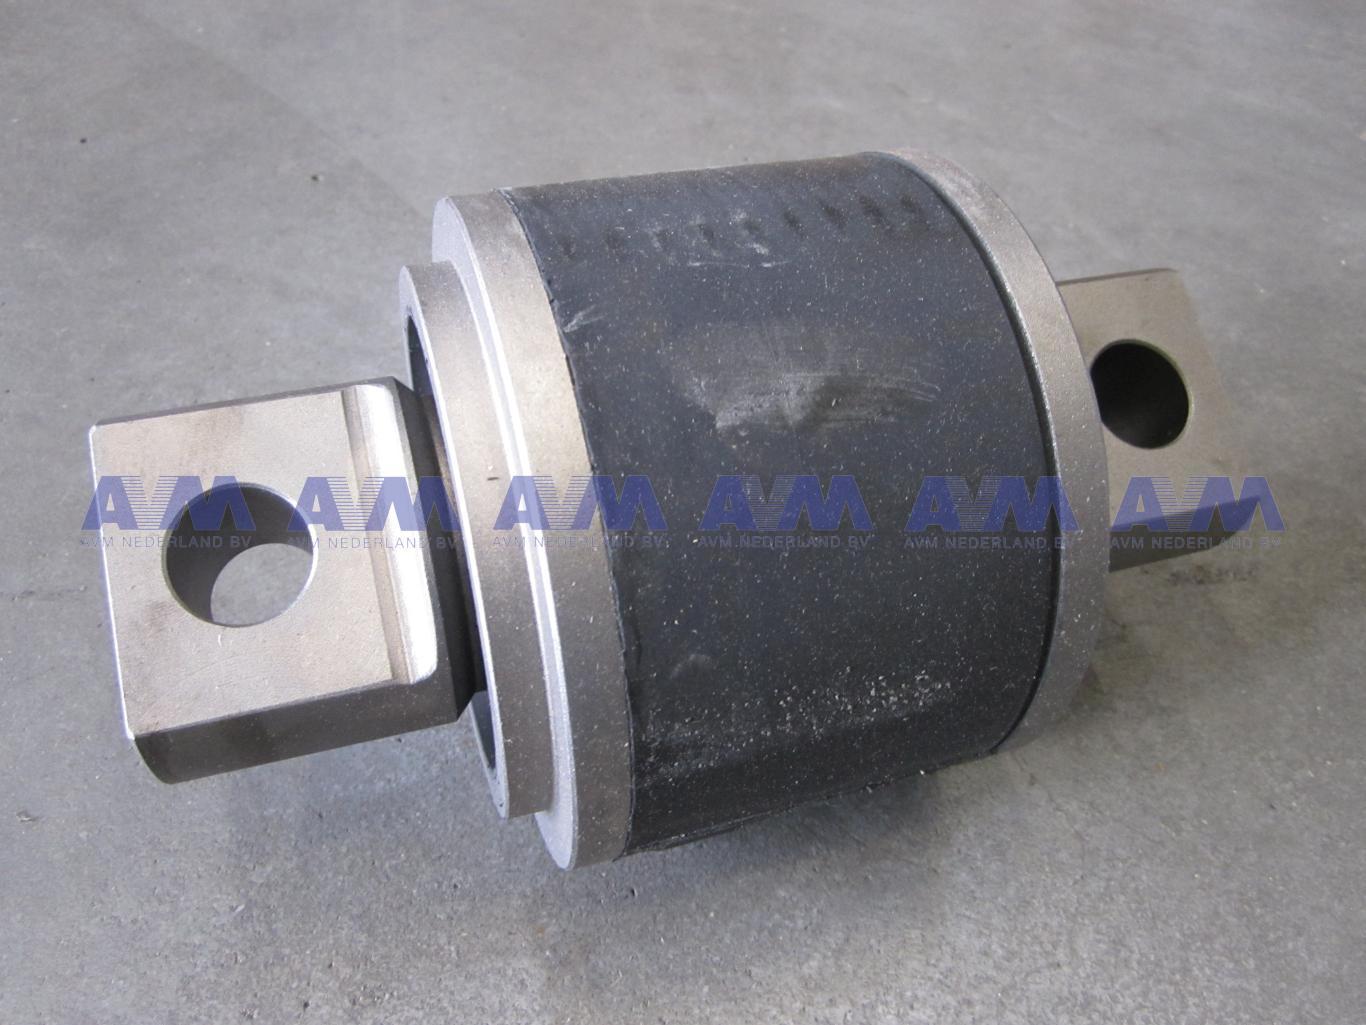 Stangkop 190 mm reparatieset 253500117358